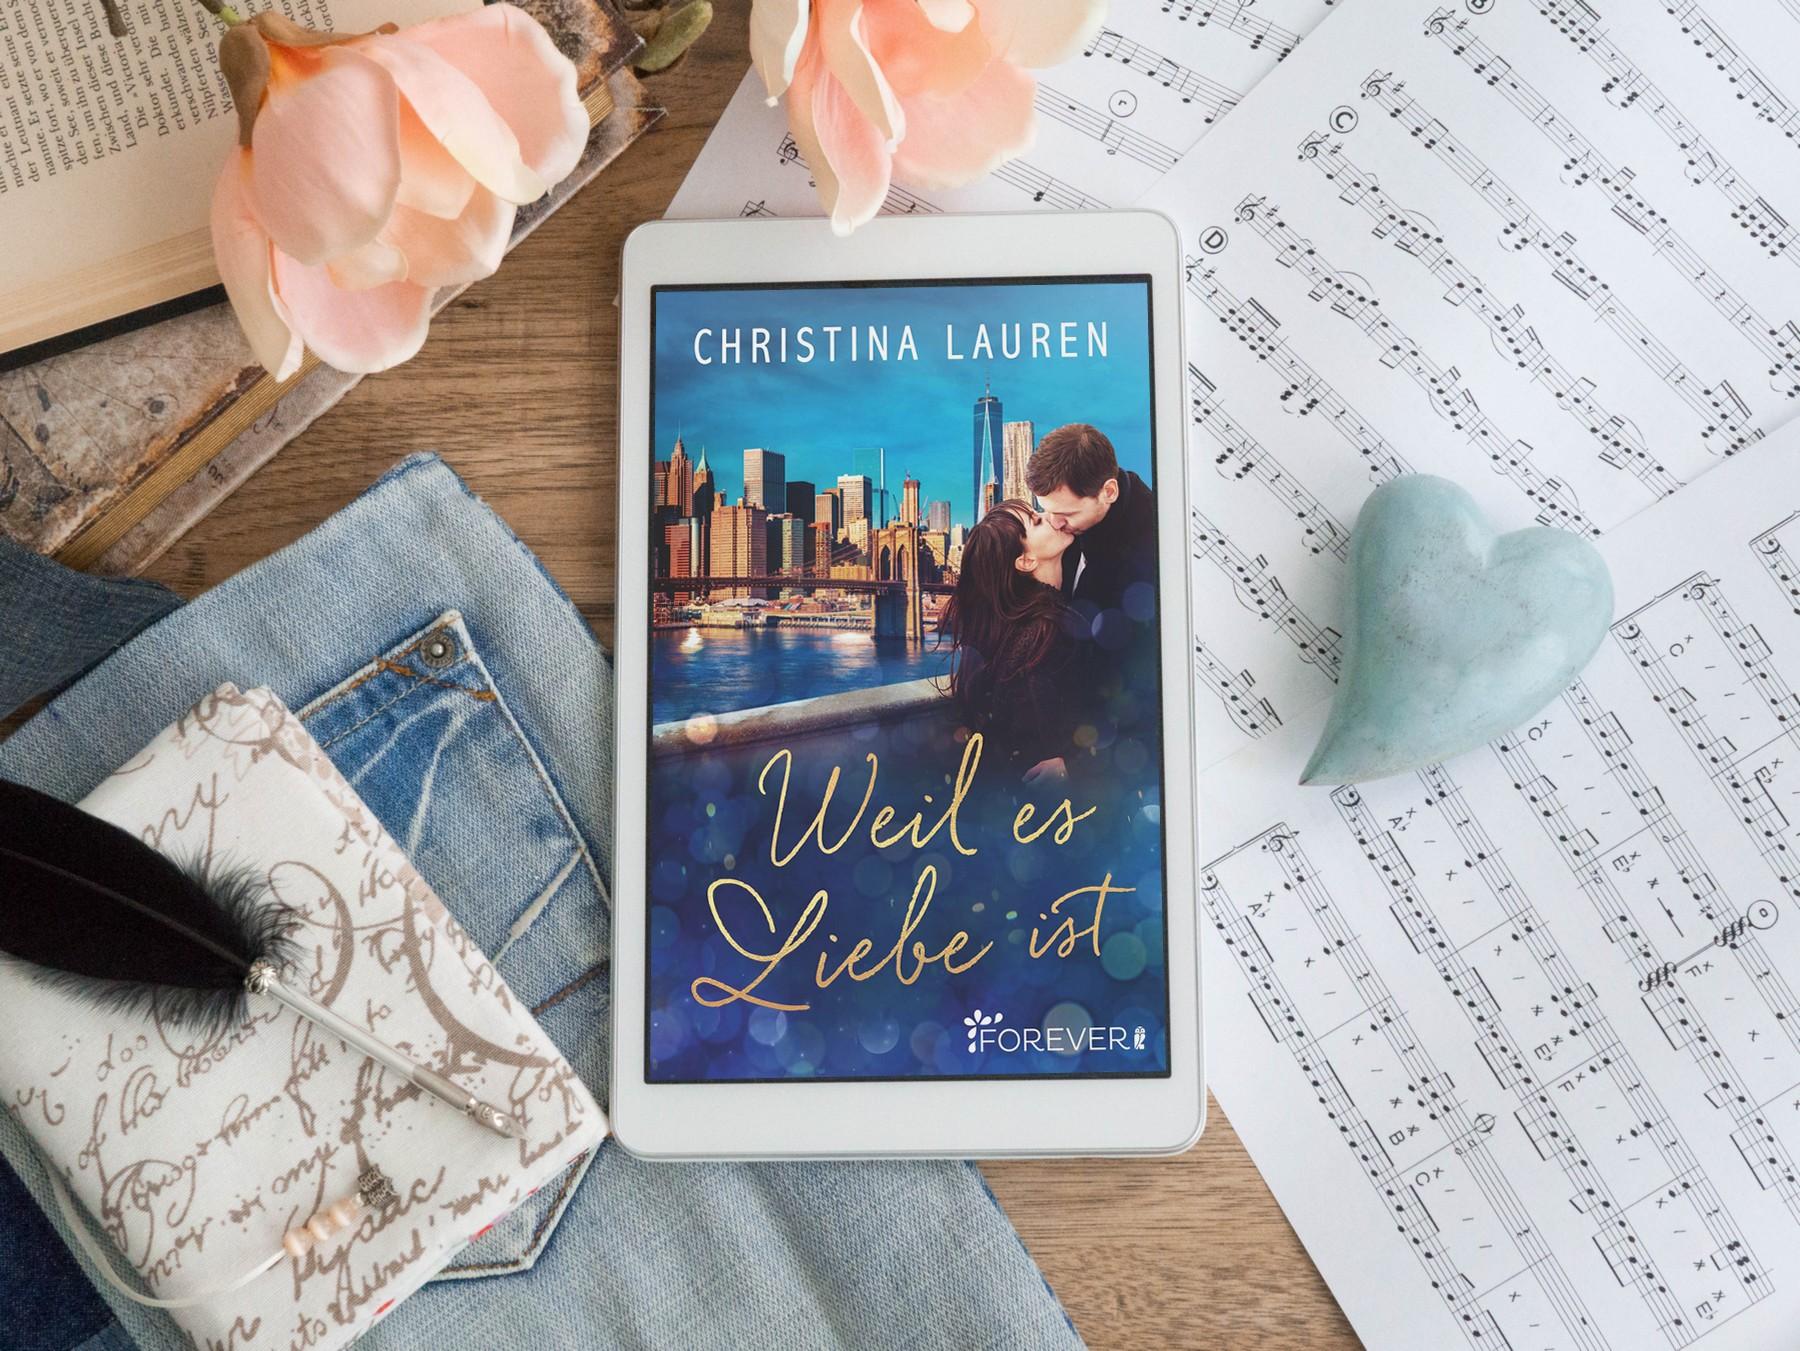 Weil es Liebe ist – Christina Lauren graphic